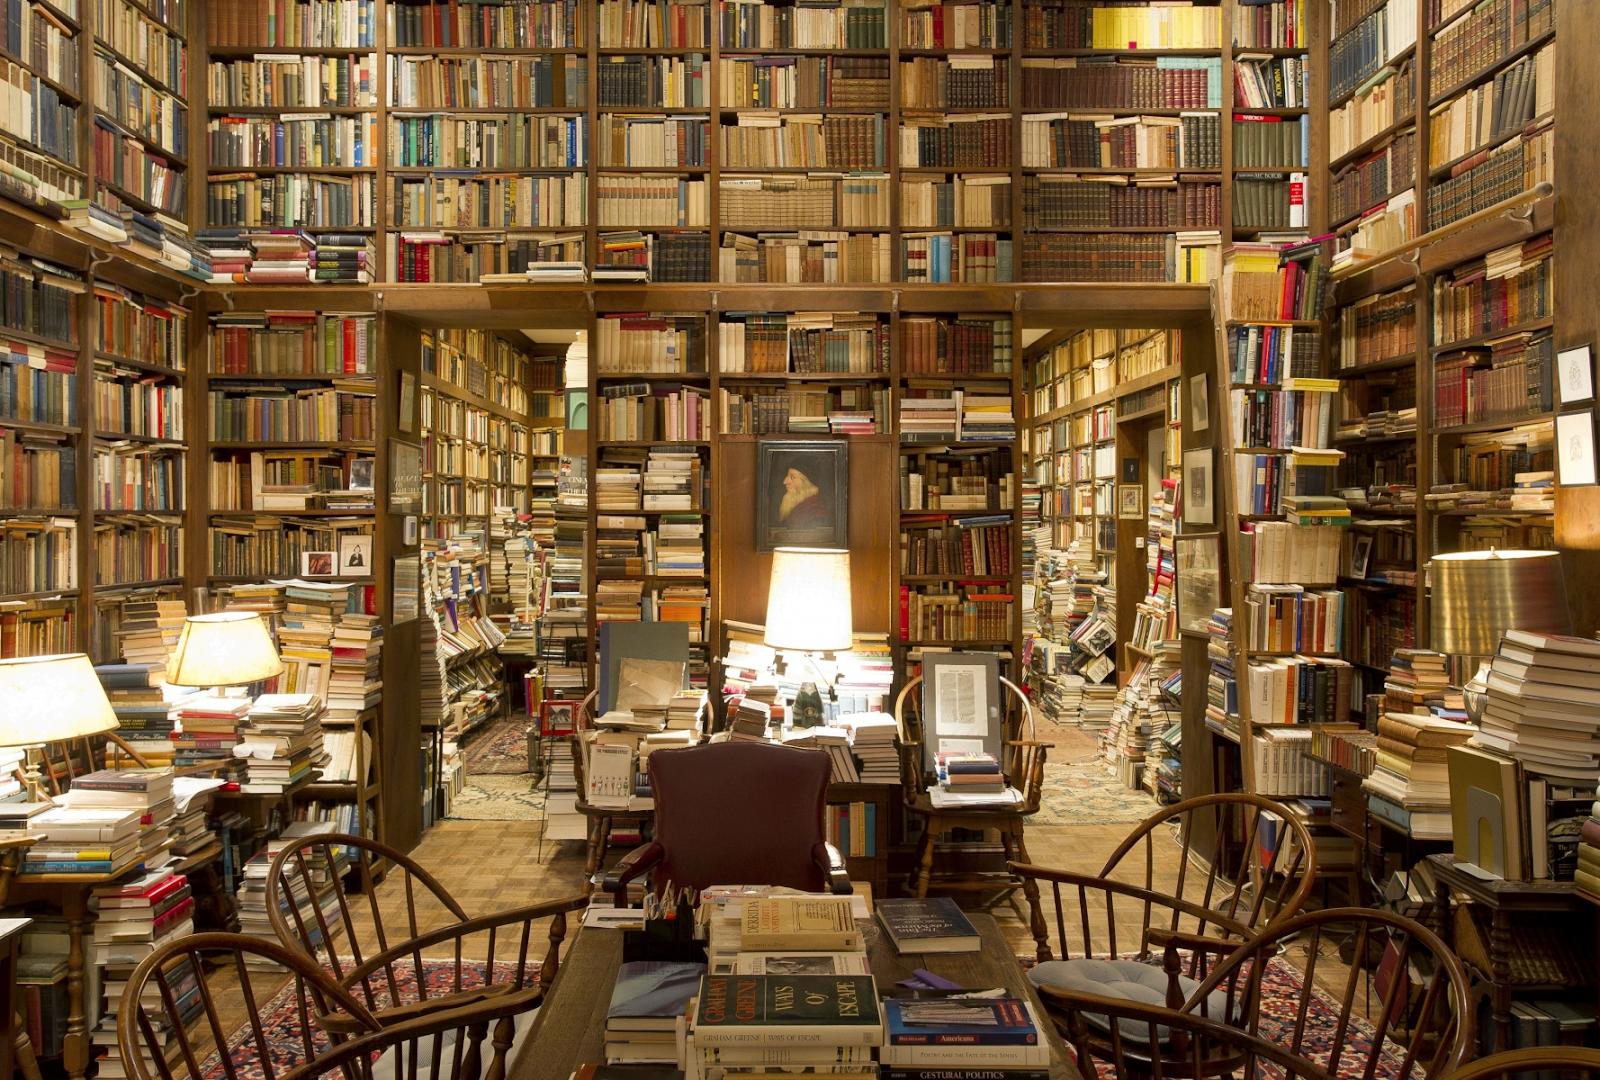 Tình trạng làm việc của các thư viện hiện nay